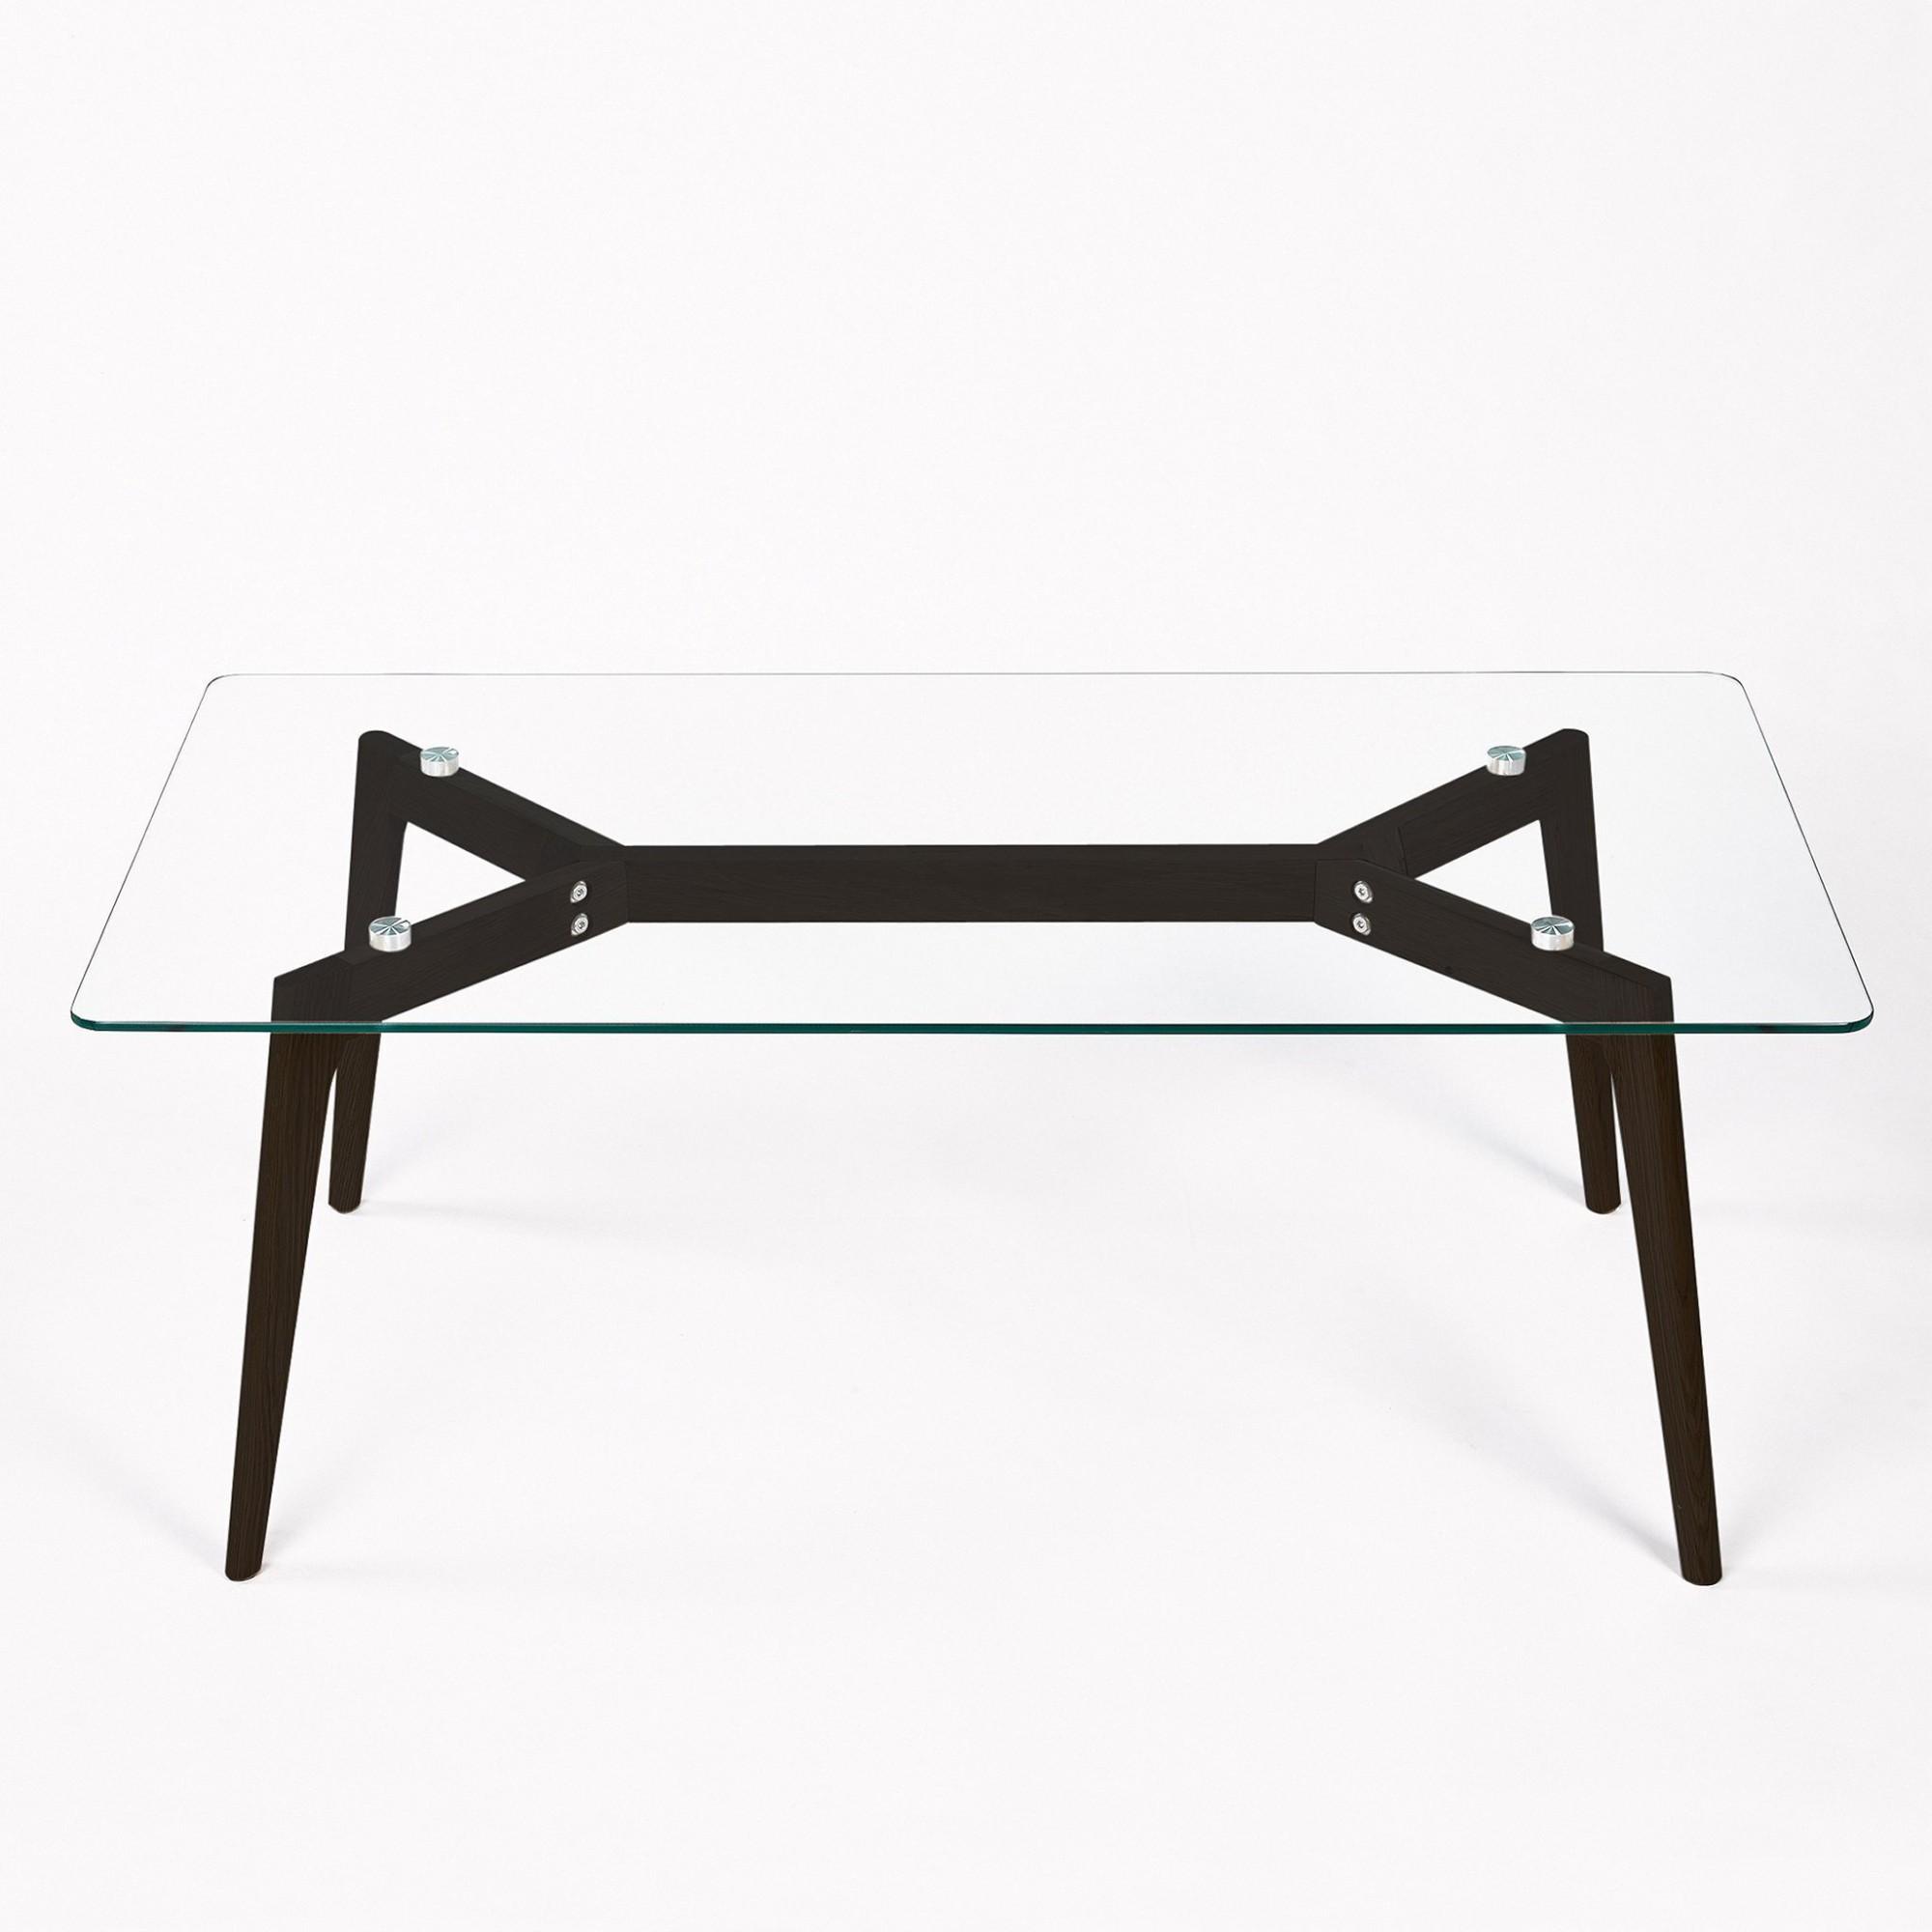 Afbeelding: Studio fotografie op locatie, fotografie meubels - glazen tafels voor Simla. Productfotograaf Foto Van Huffel.